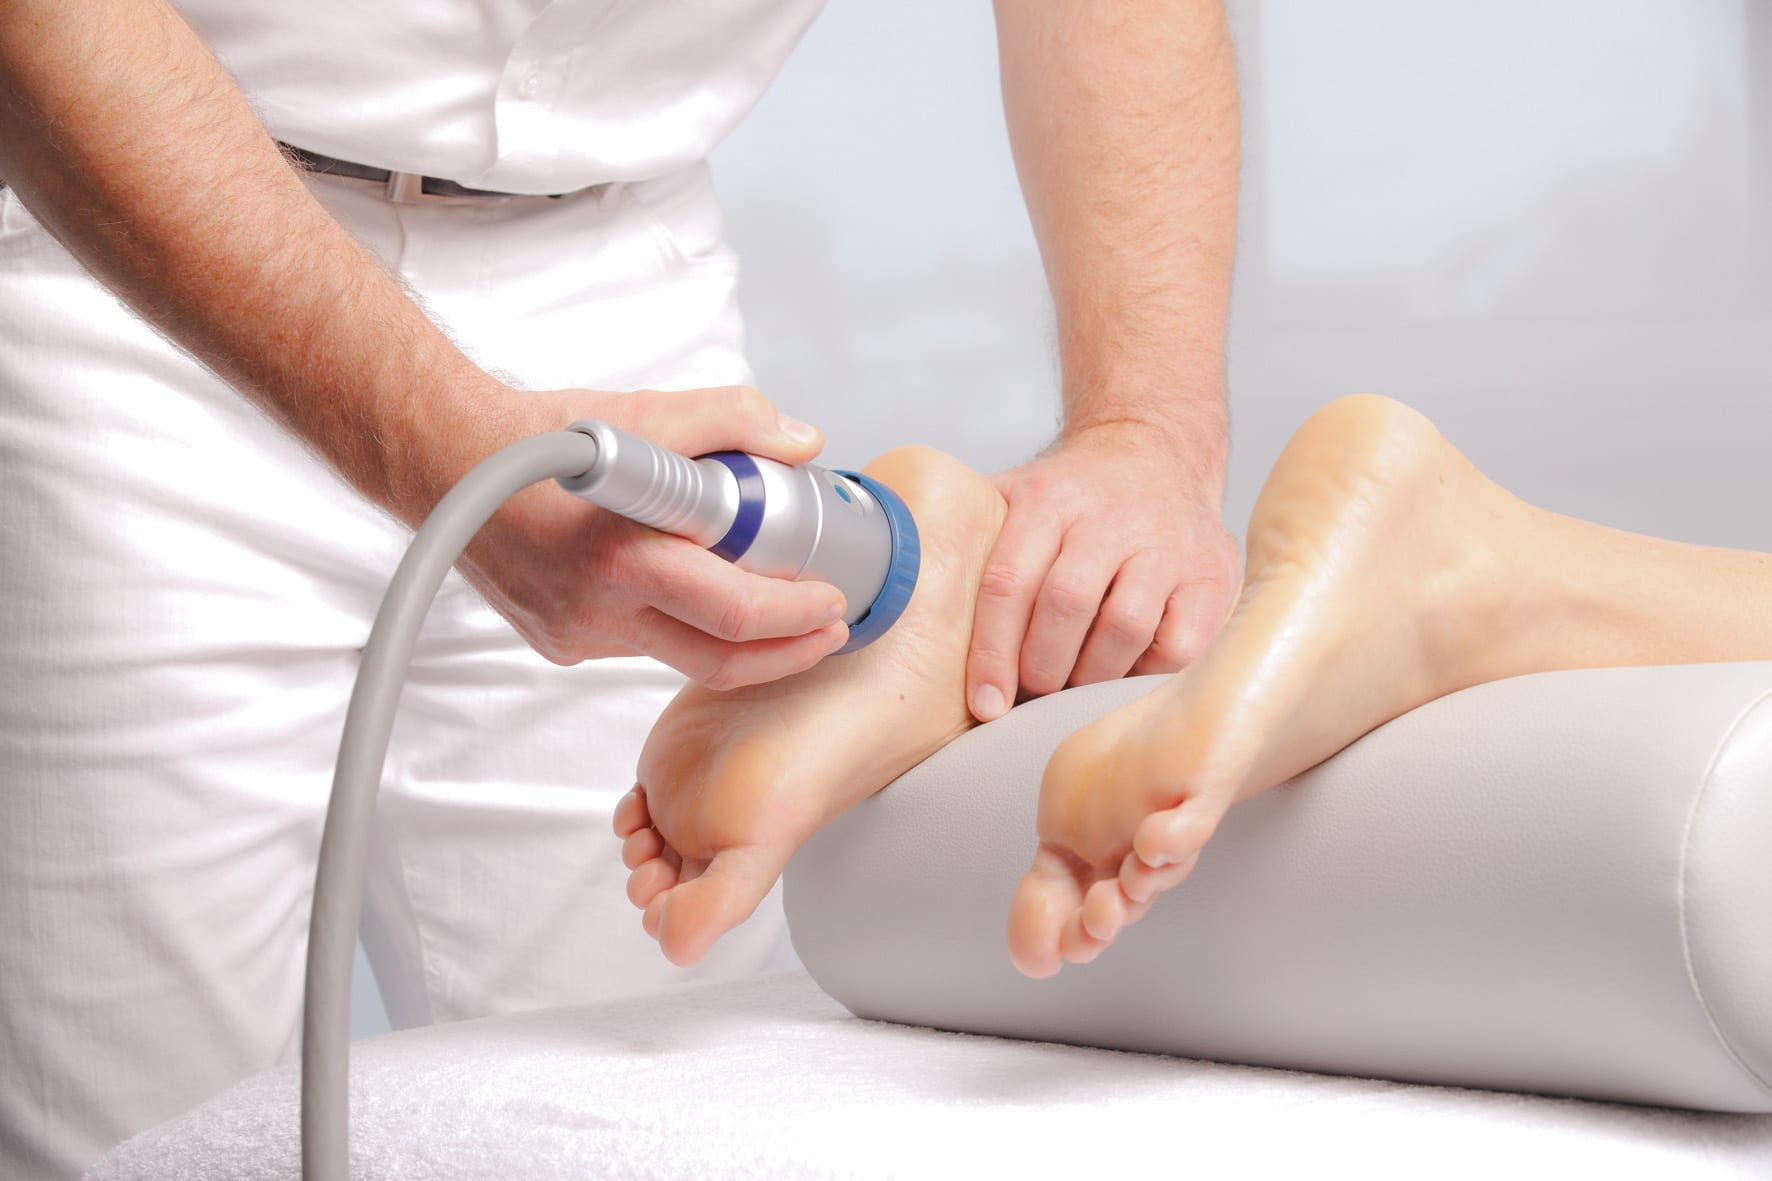 Trápí vás nepříjemné bolesti pohybového aparátu? Vyzkoušejte osvědčené metody rehabilitace